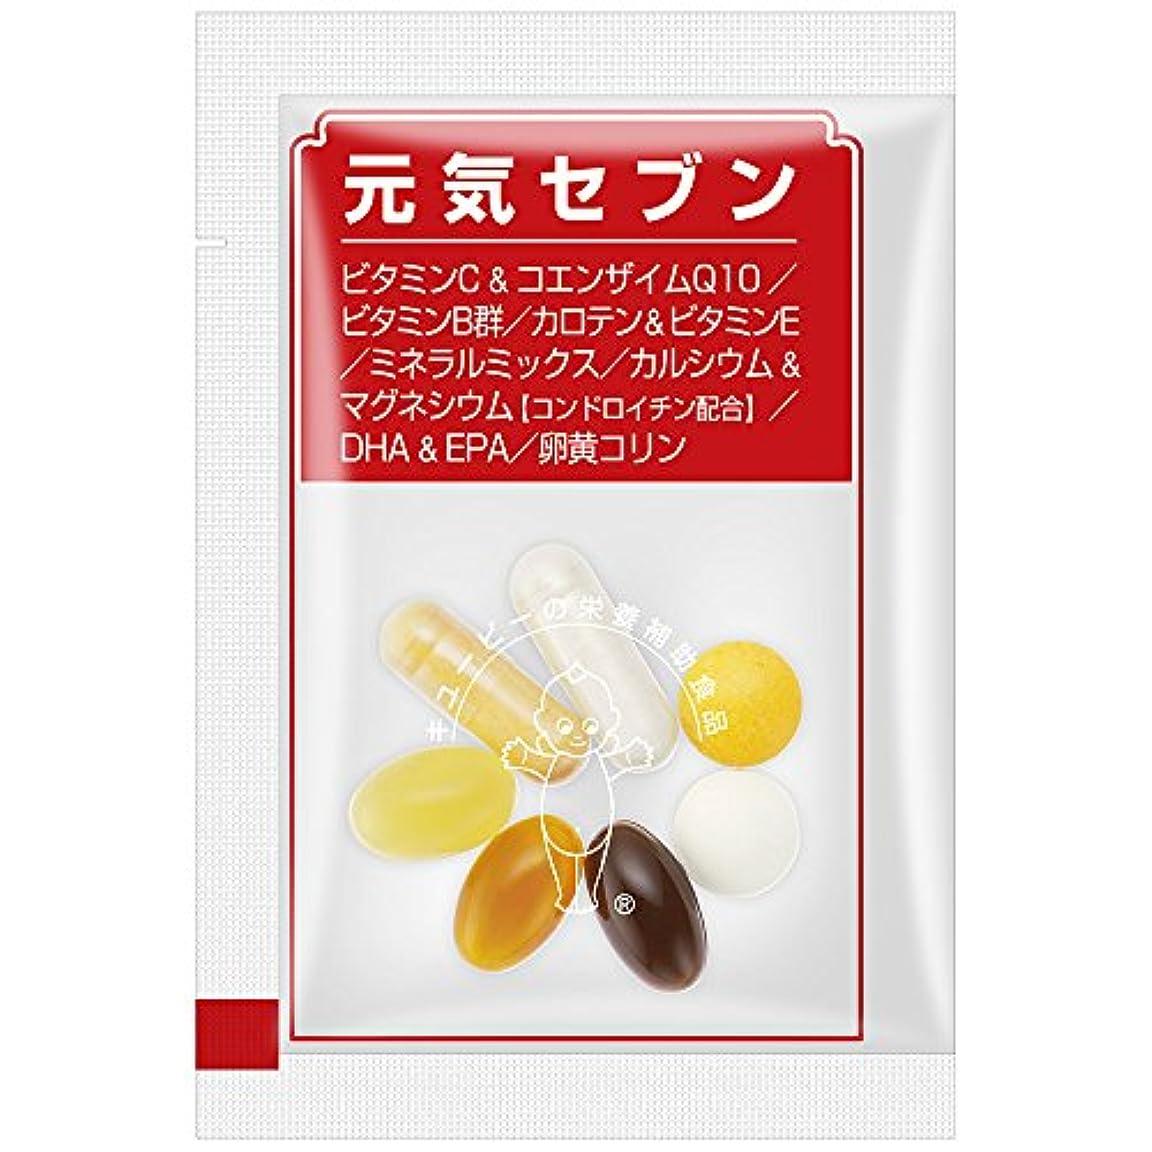 ヒゲ好意に対処するキユーピー 元気セブン 30日分 マルチビタミン マルチミネラル DHA EPA コエンザイム 配合